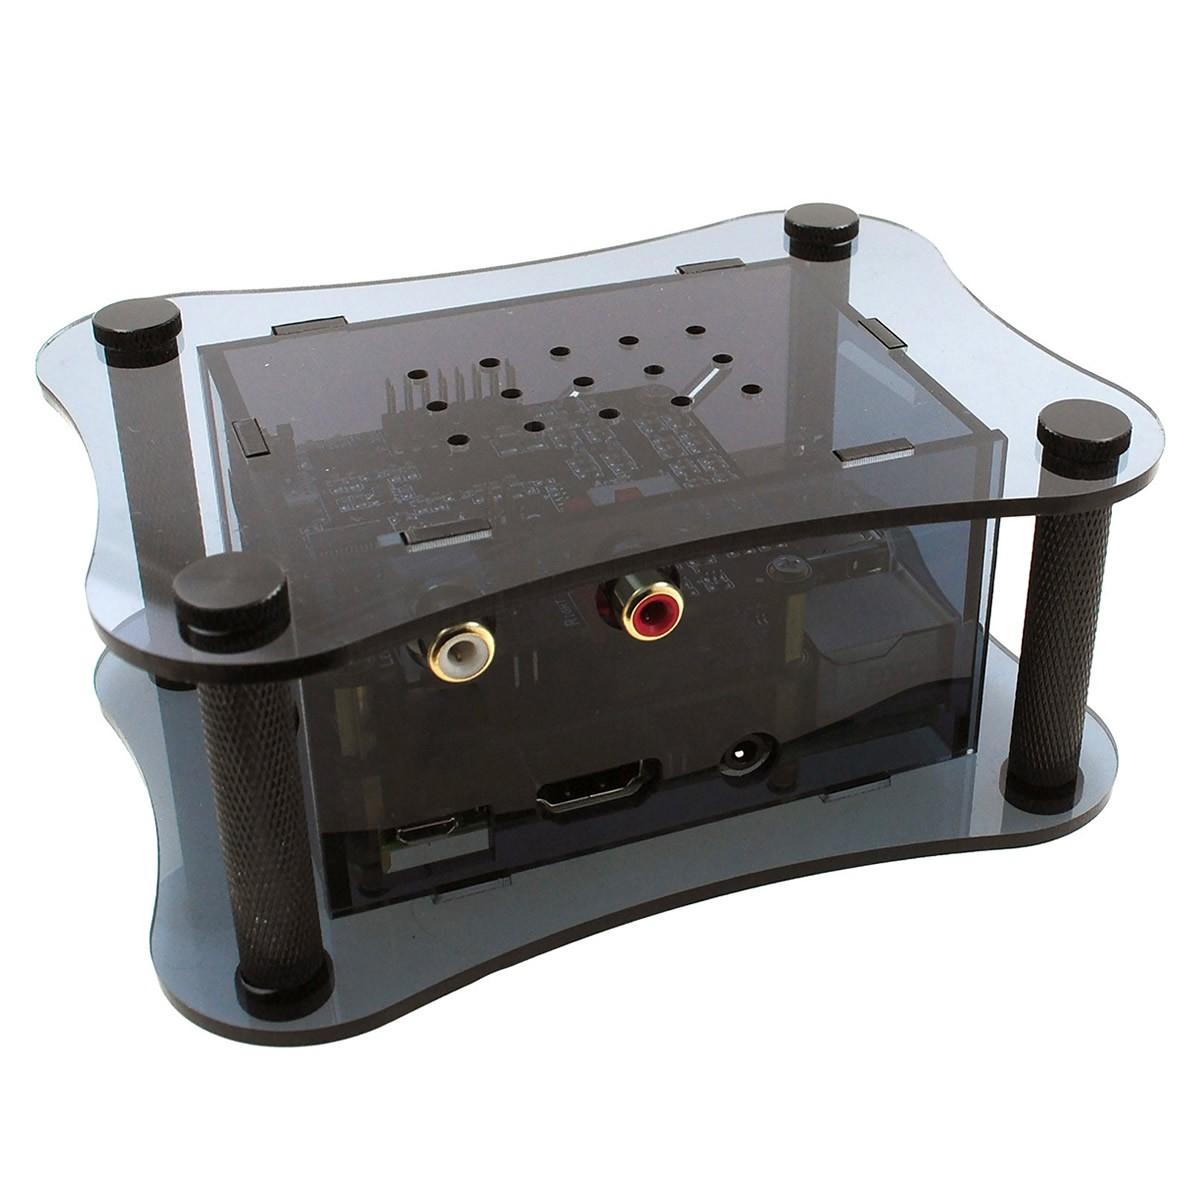 ALLO Boîtier Acrylique pour Allo DAC Boss + Allo Isolator + Raspberry Pi 3 Noir